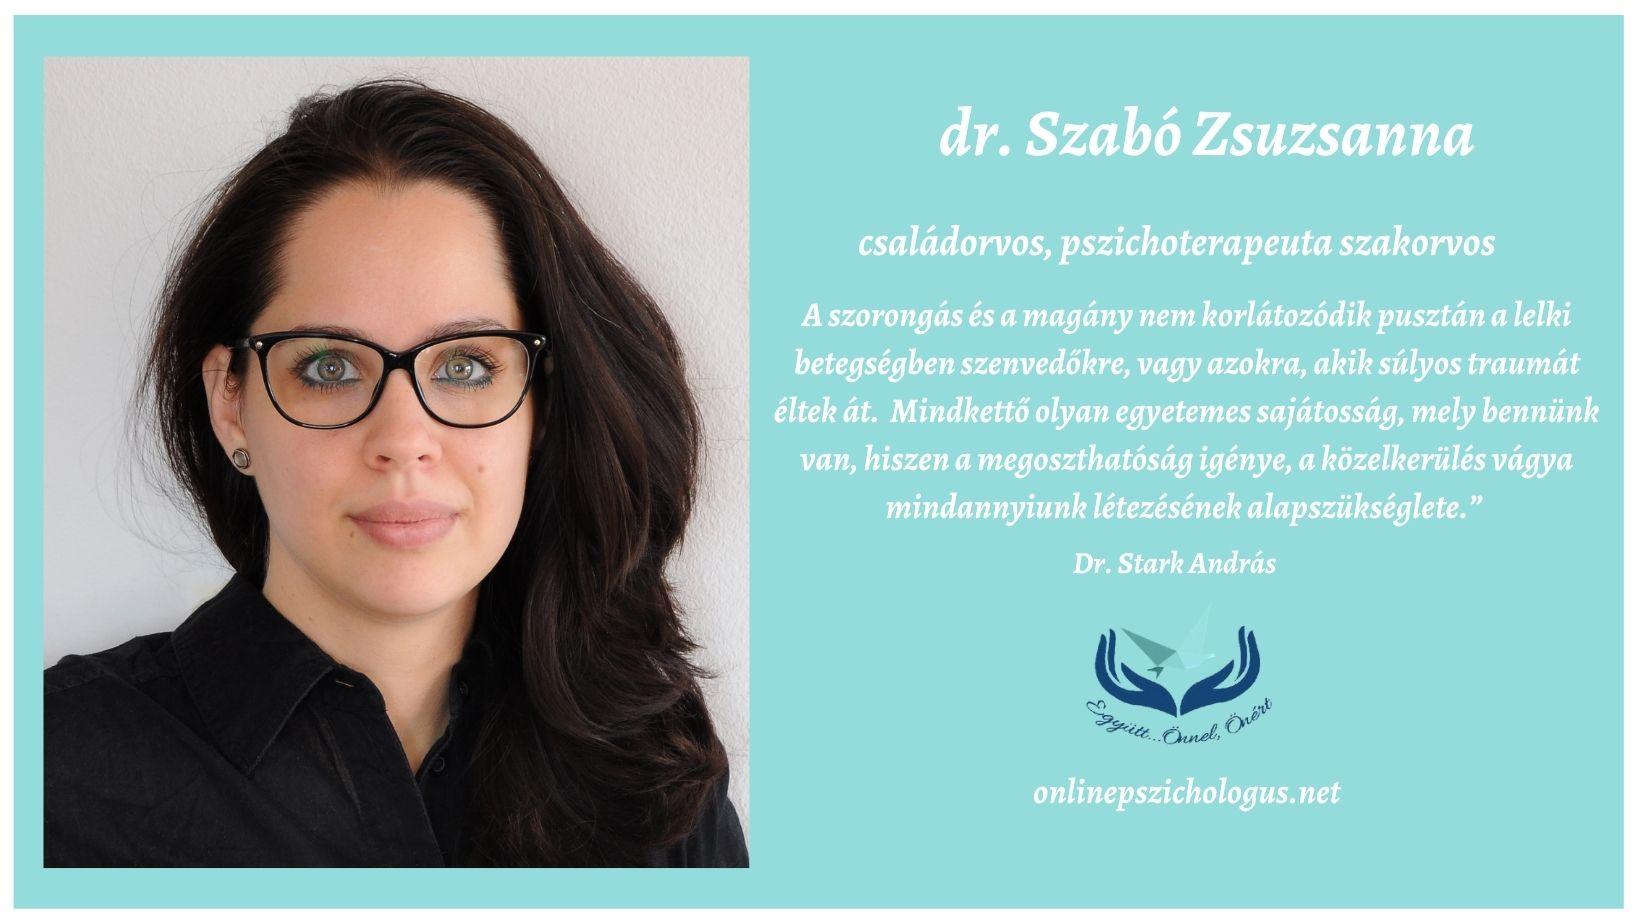 Interjú dr. Szabó Zsuzsanna családorvos, pszichoterapeuta szakorvossal